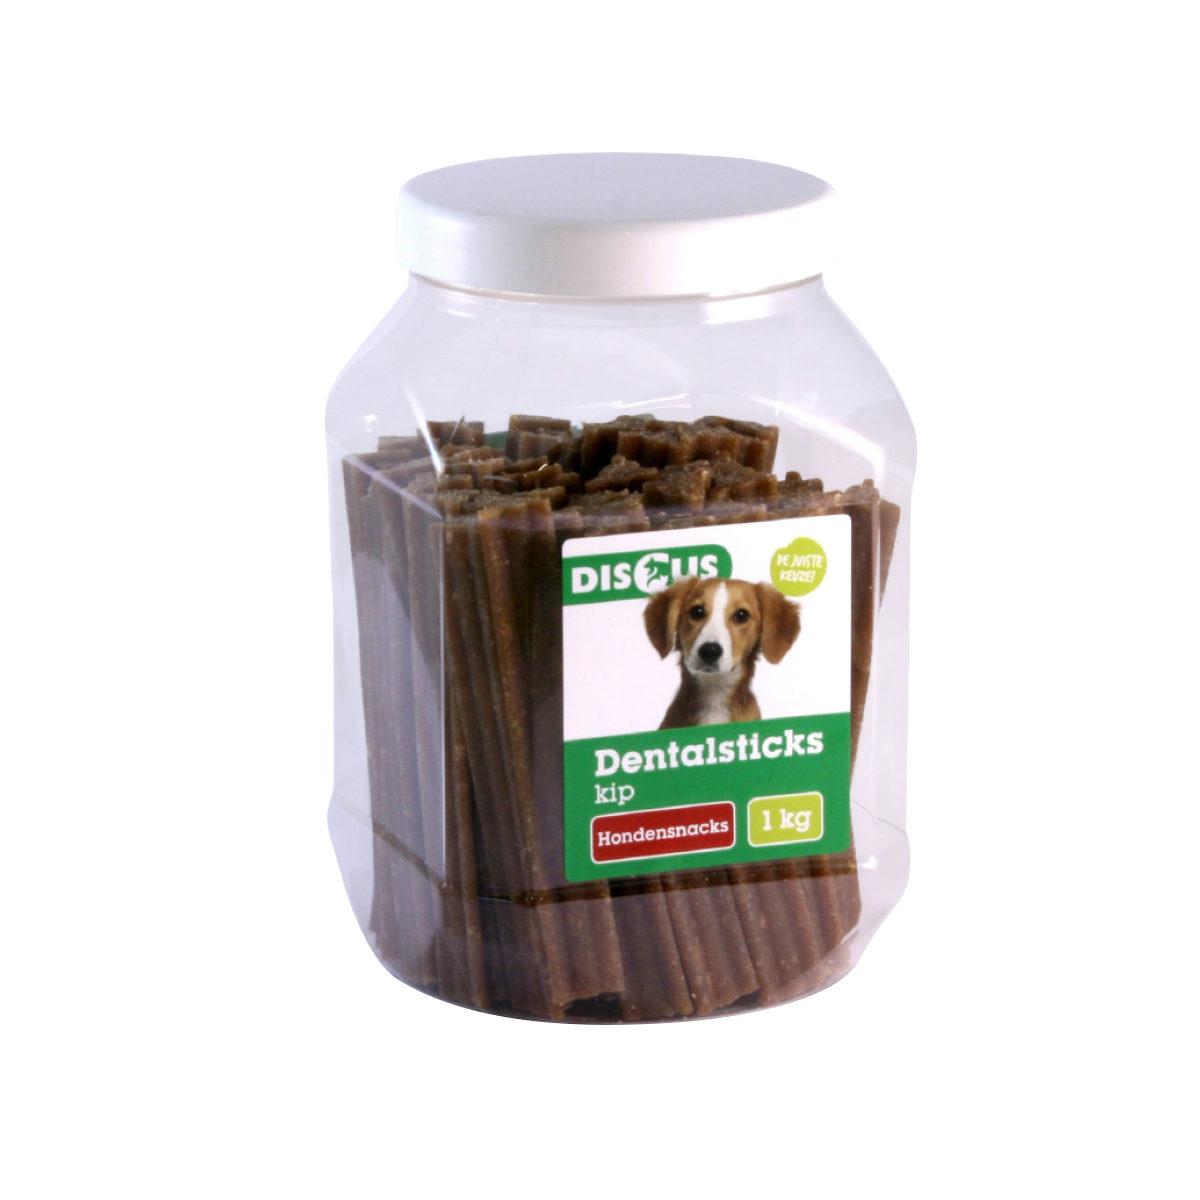 Discus Dentalsticks Hondensnack Kip 1 kg - in Snacks